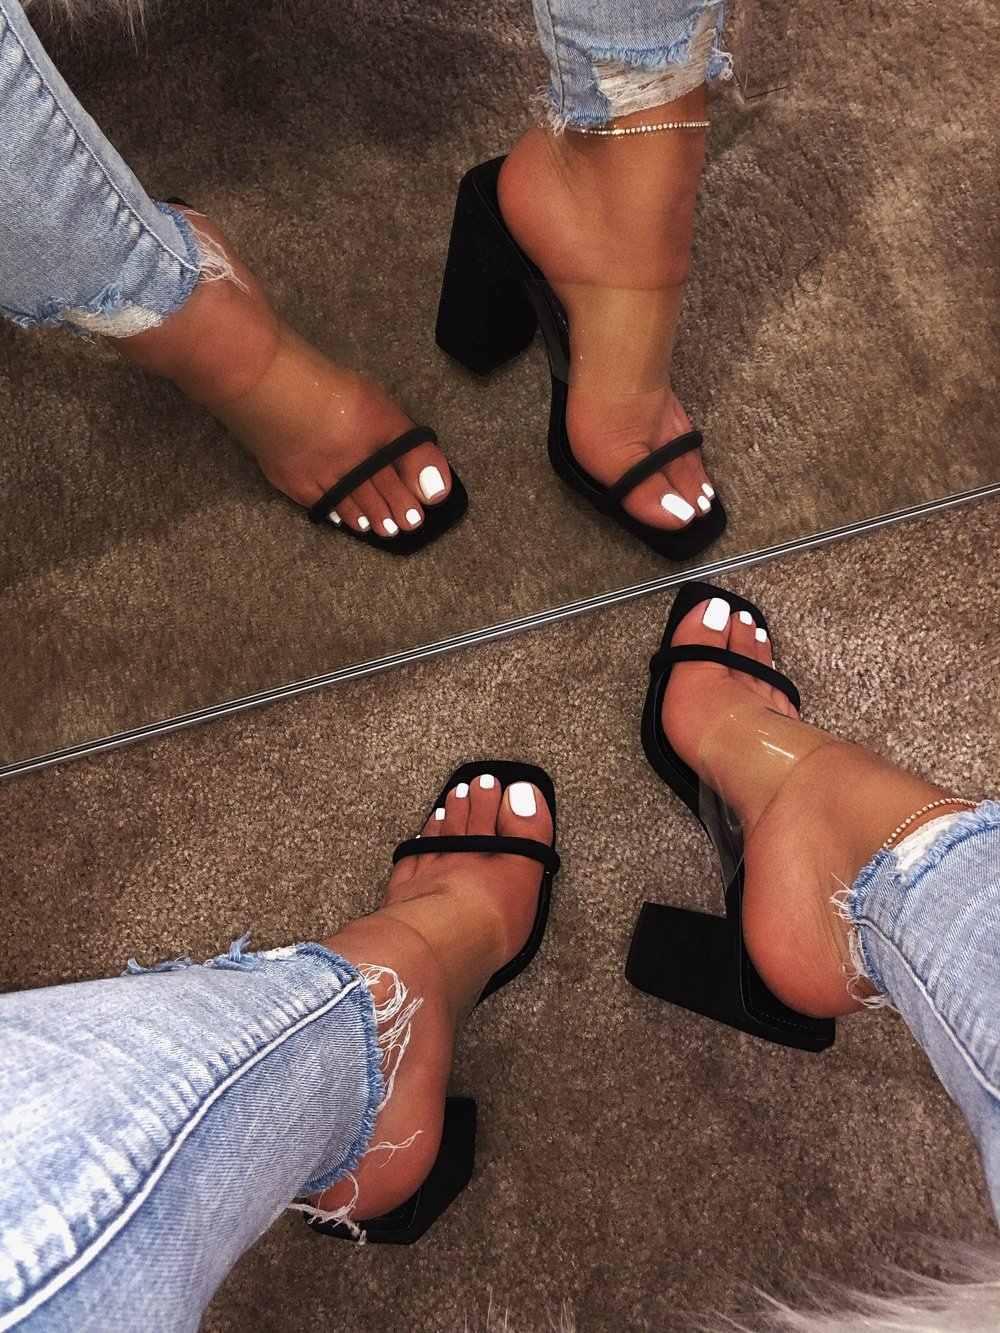 2019 été femmes sandales sans lacet talon haut noir chaussures dames en plein air vacances pantoufle 9044